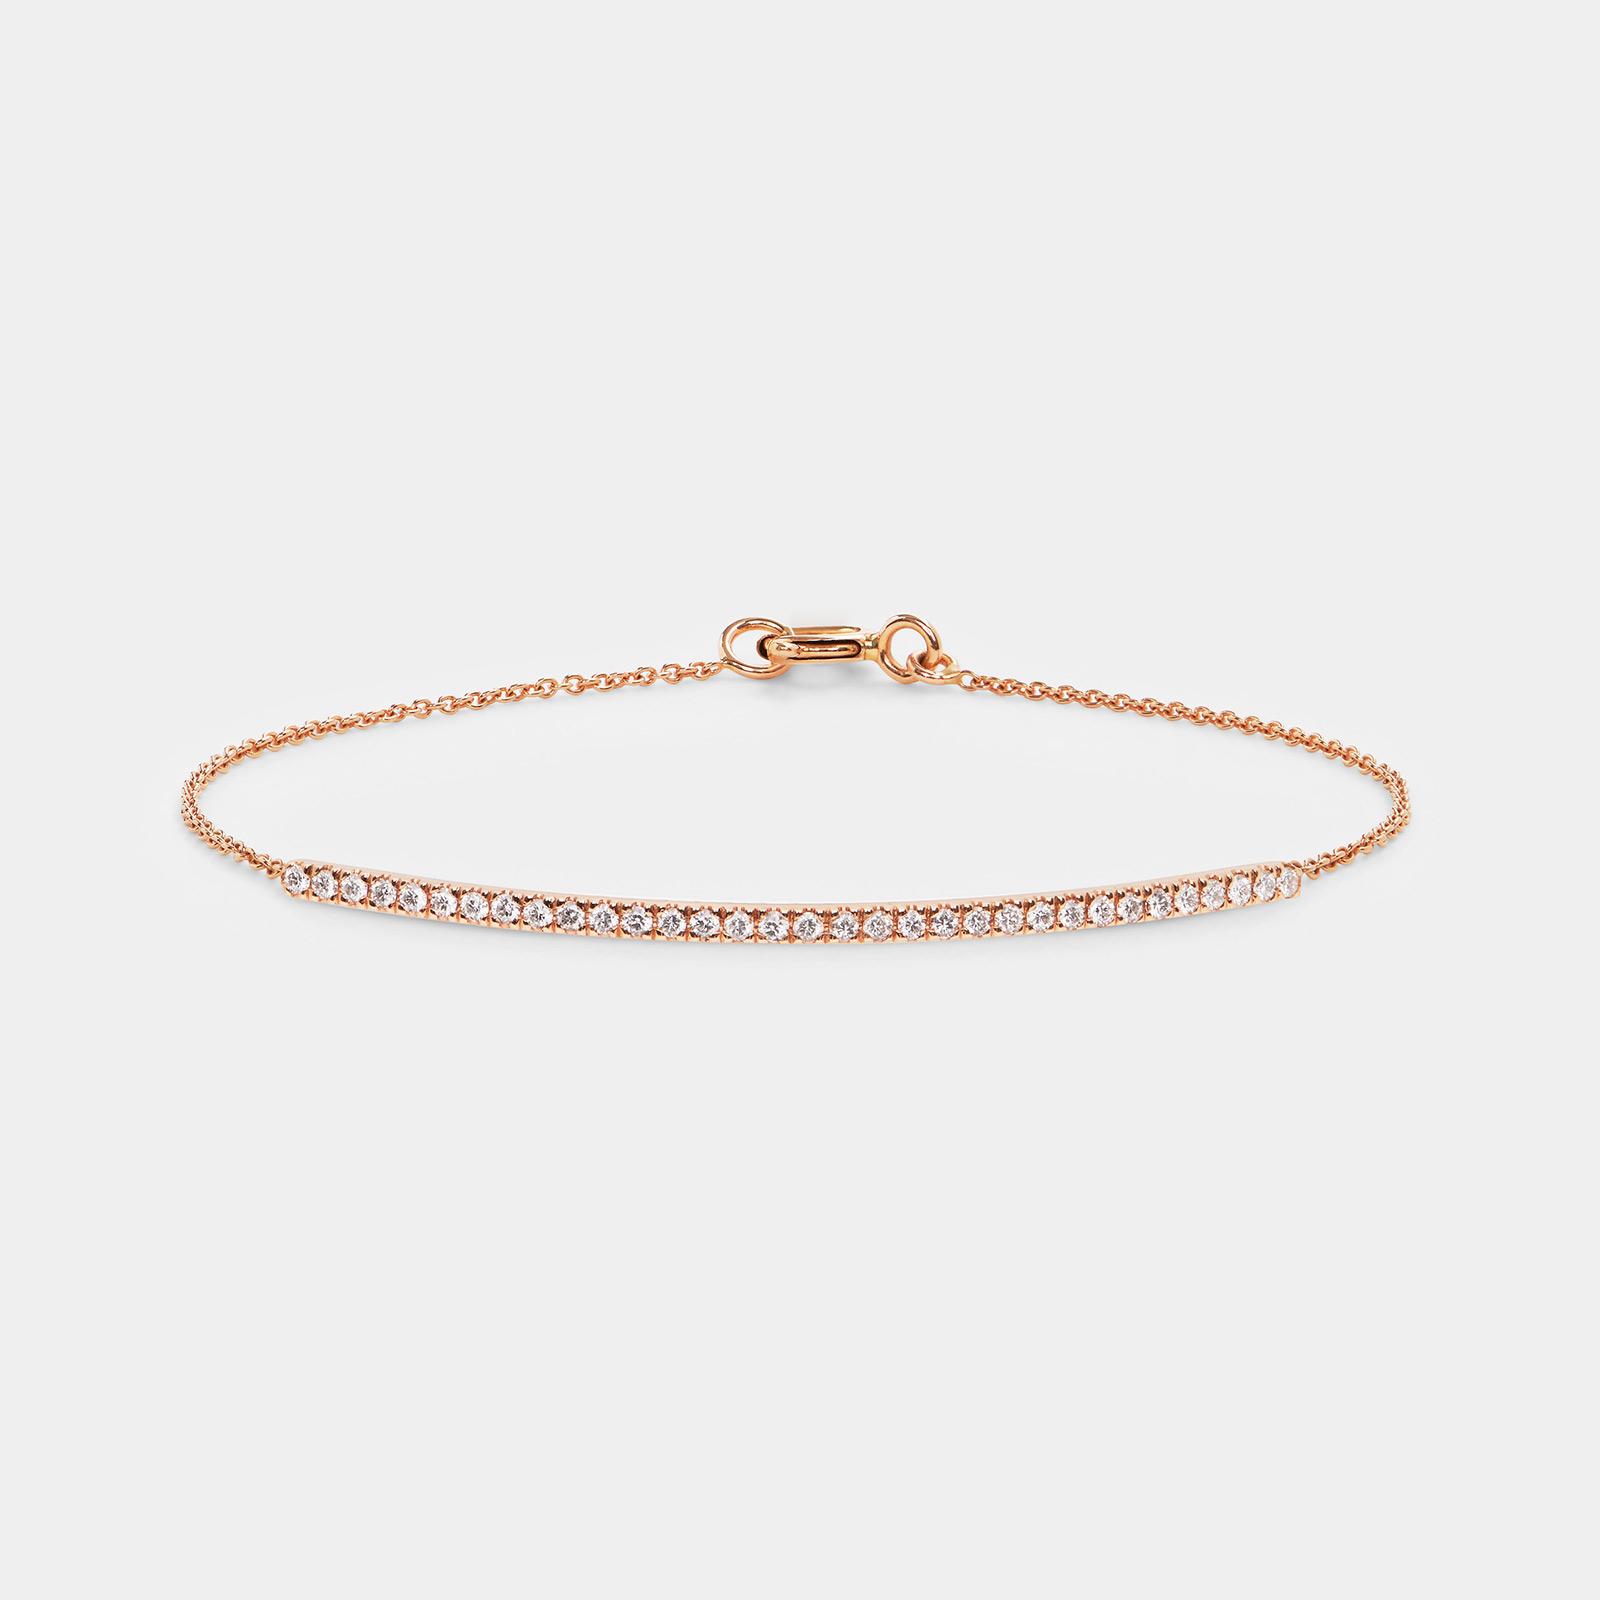 Bracciale in oro rosa e diamanti - Rosanna Cattolico gioielli